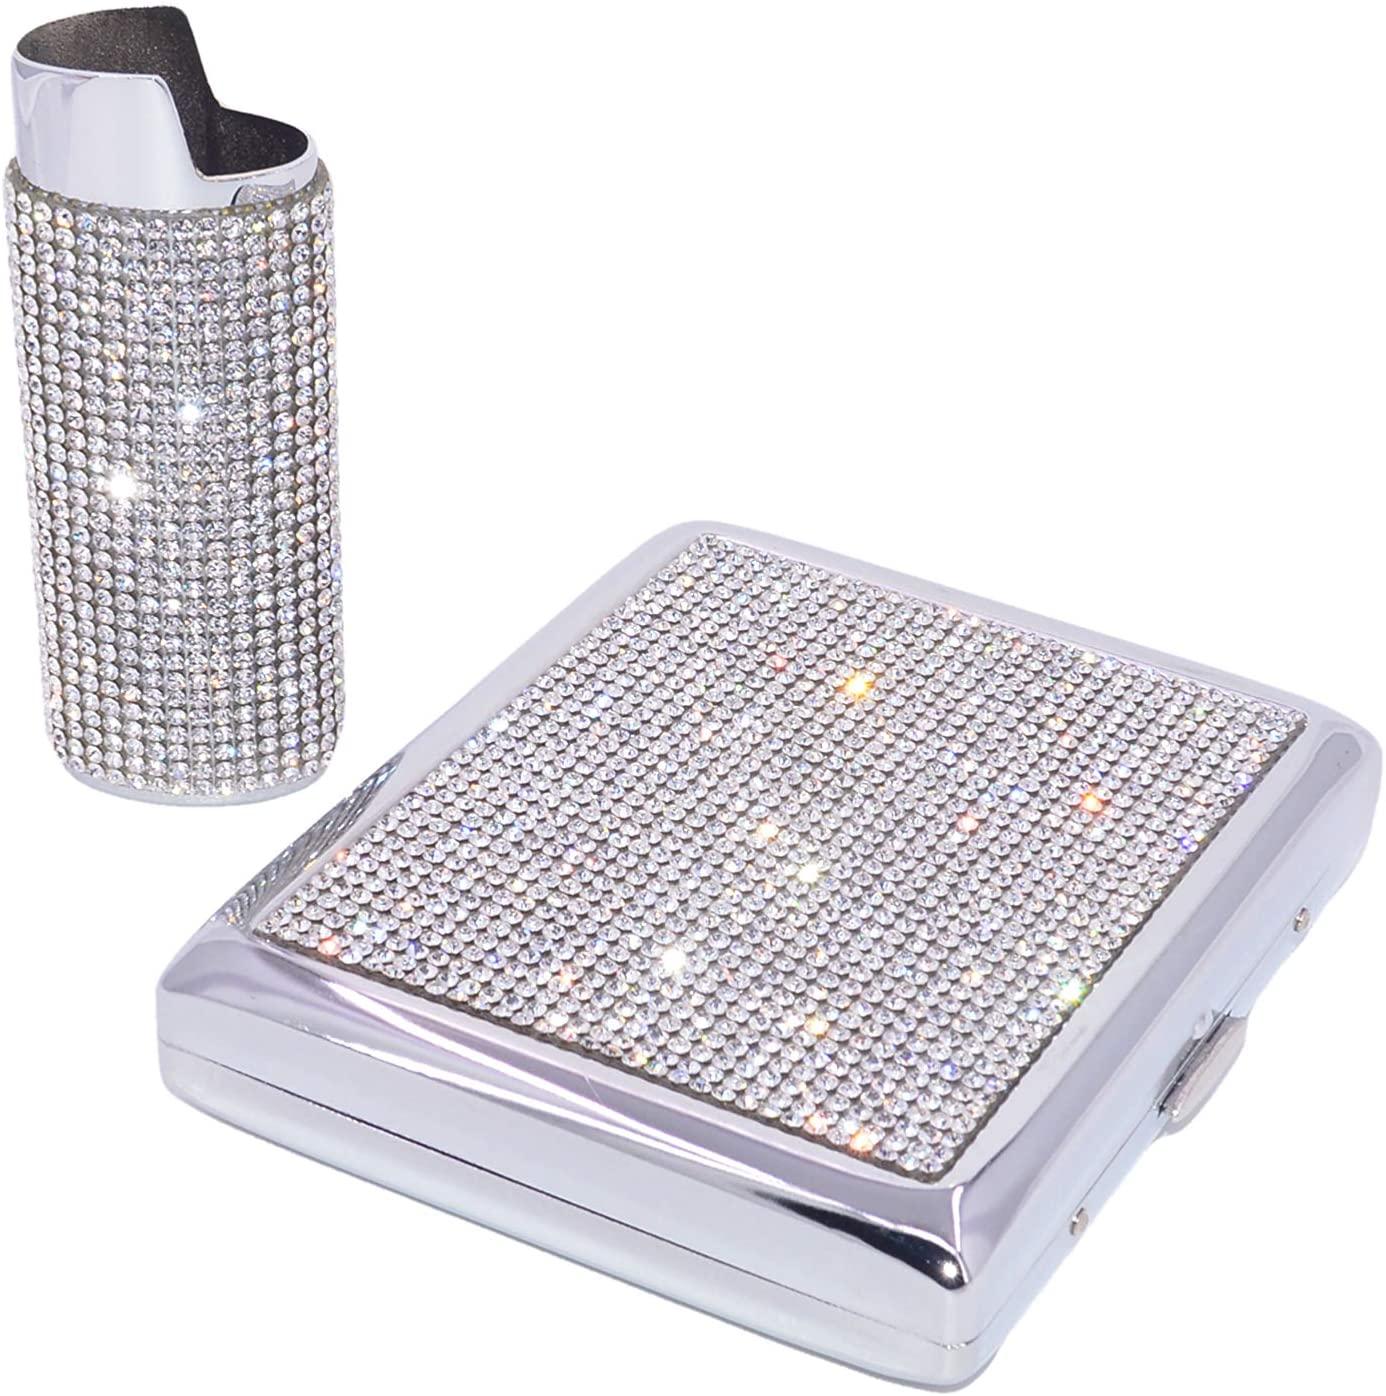 Bling Crystal Rhinestone Cigarette Case/Lighter Sleeve Set for Kings